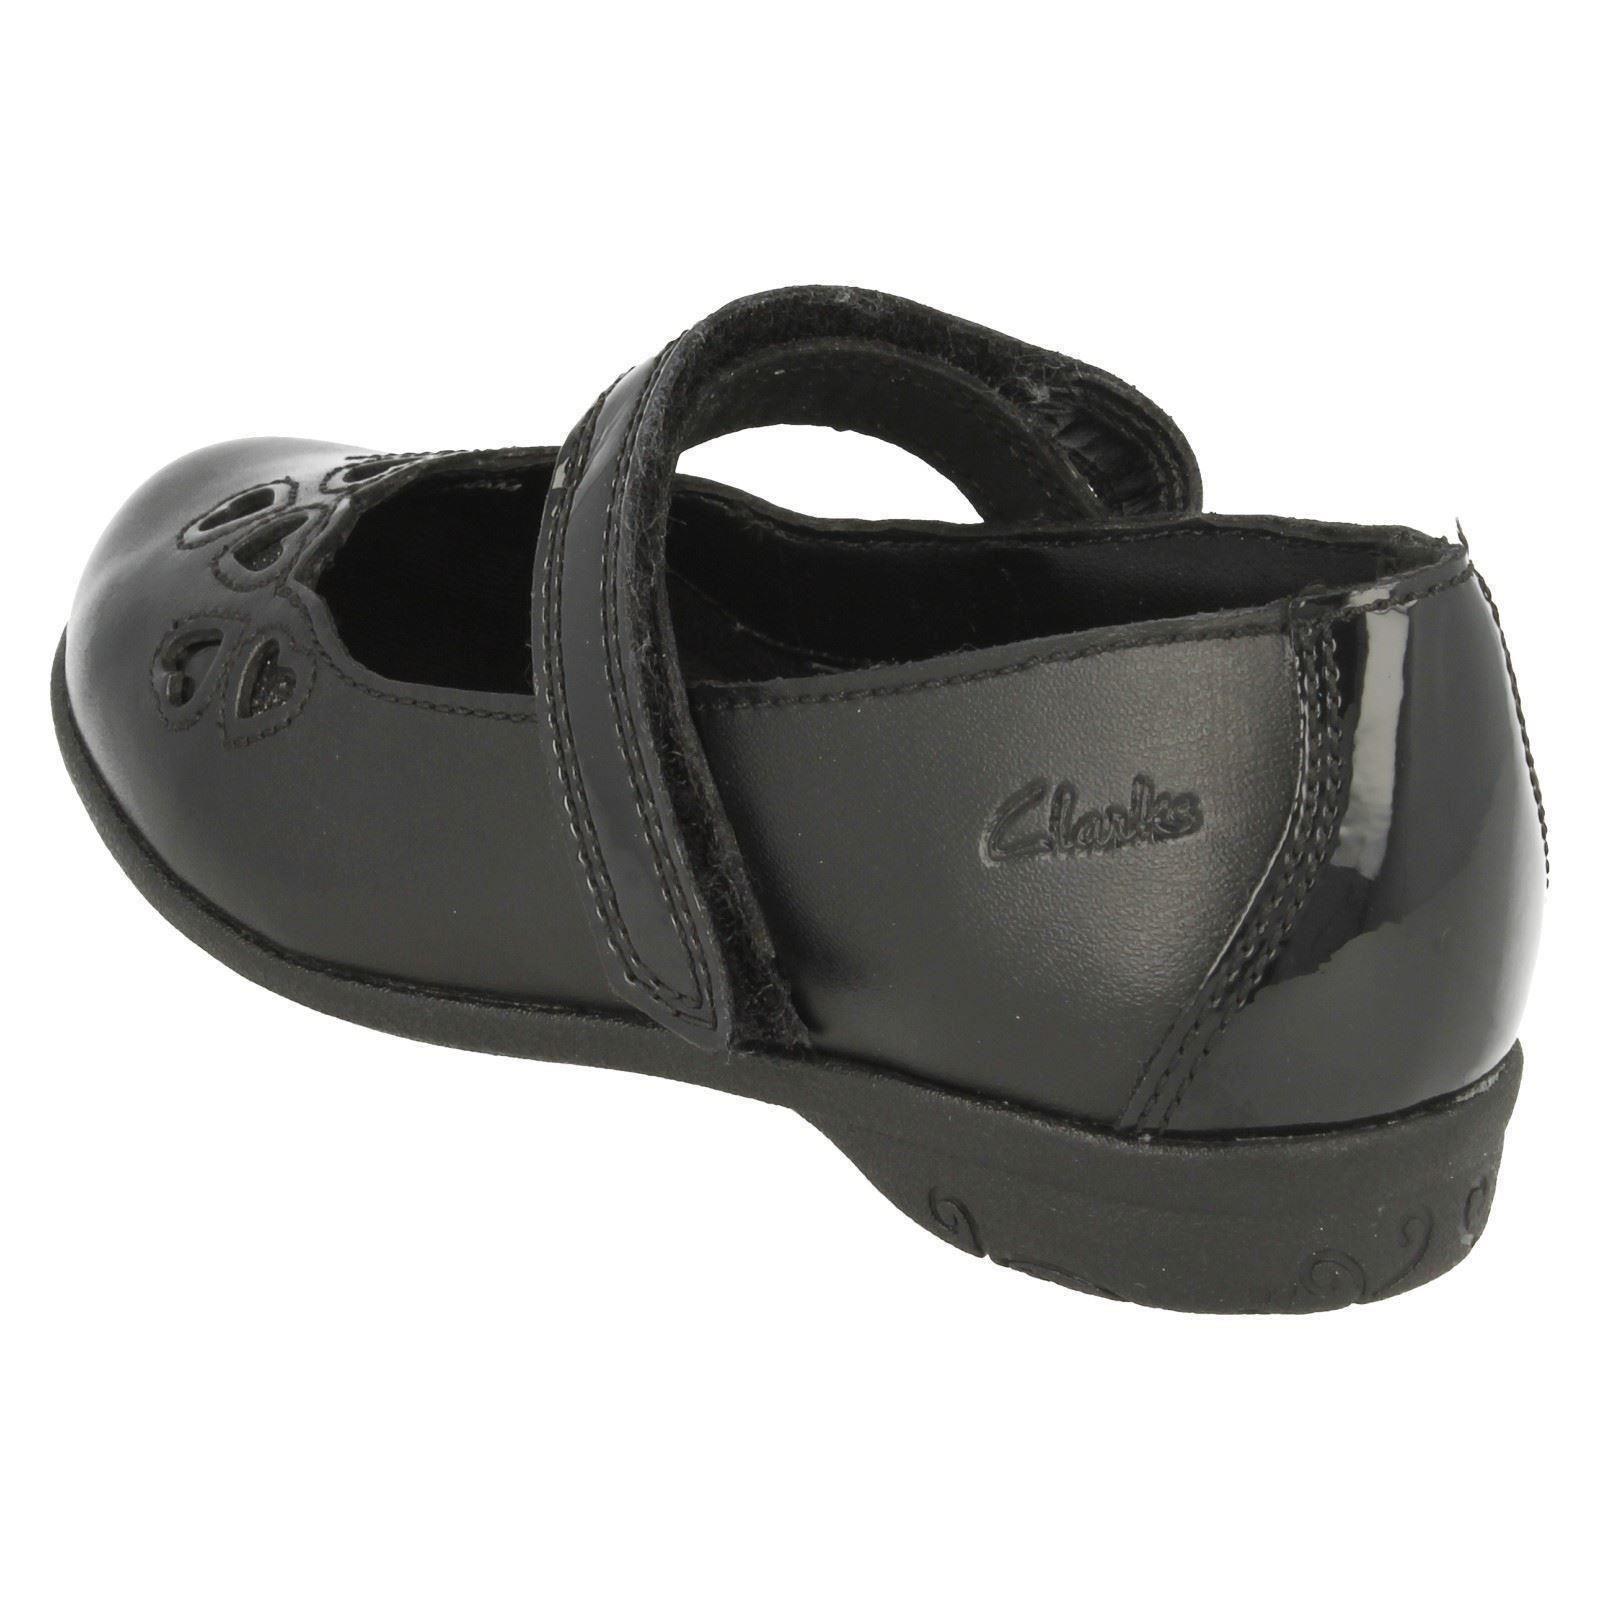 Mimi Clarks cuero Zapatillas Orra escolares de de negro BPwOvq0